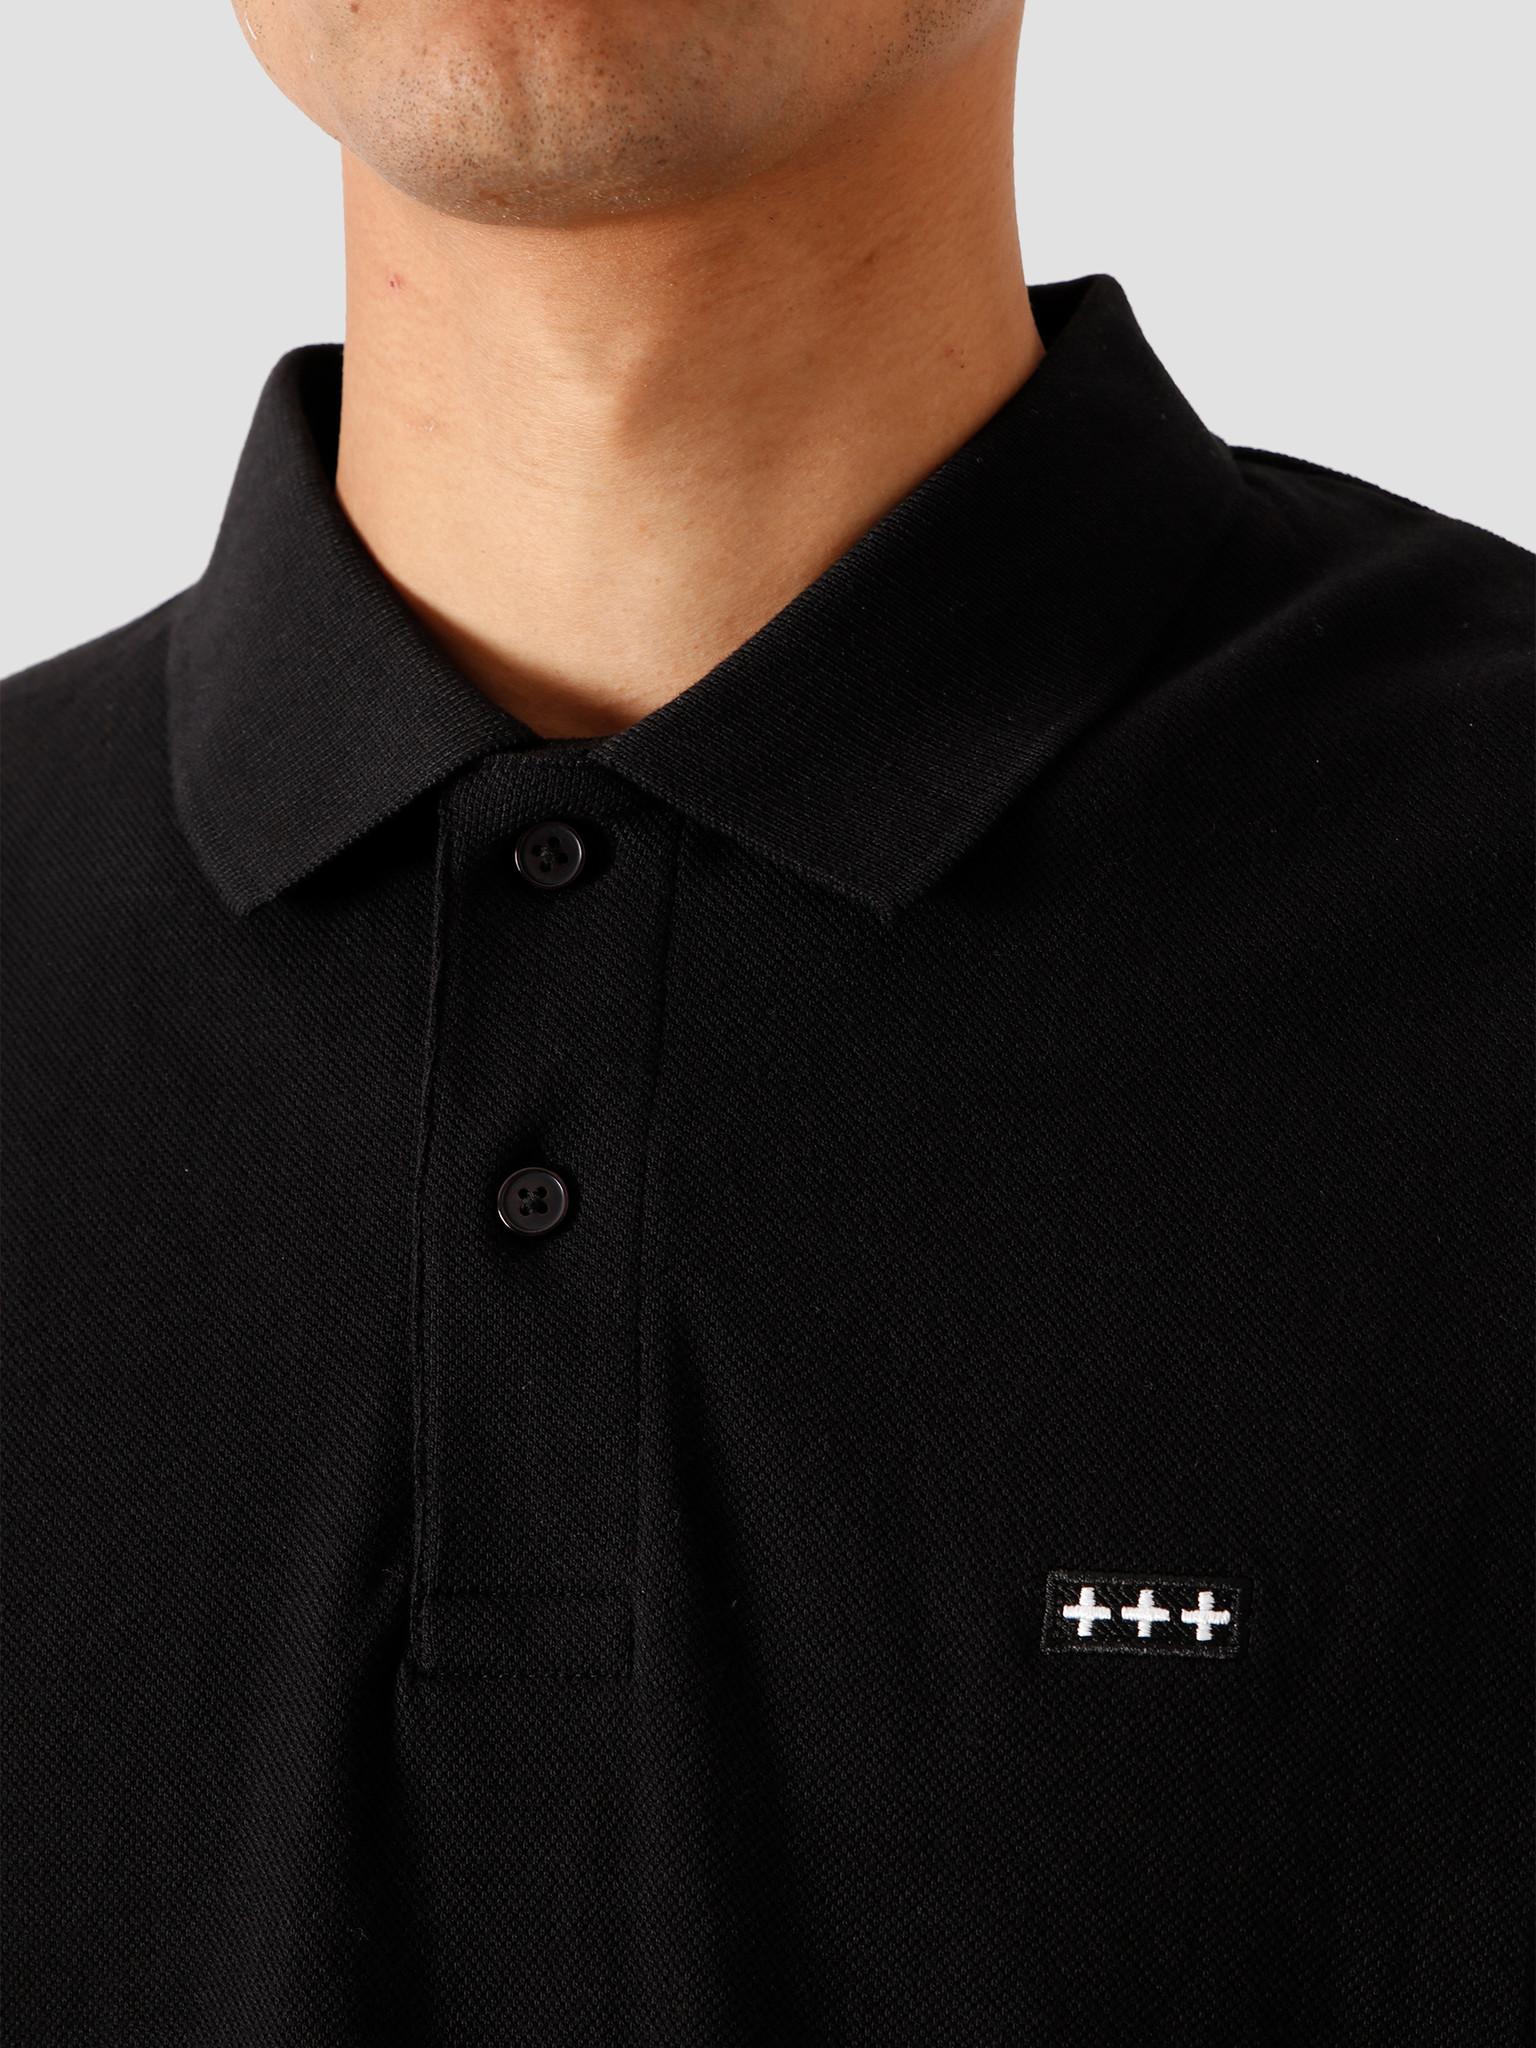 Quality Blanks Quality Blanks QB50 Polo Black